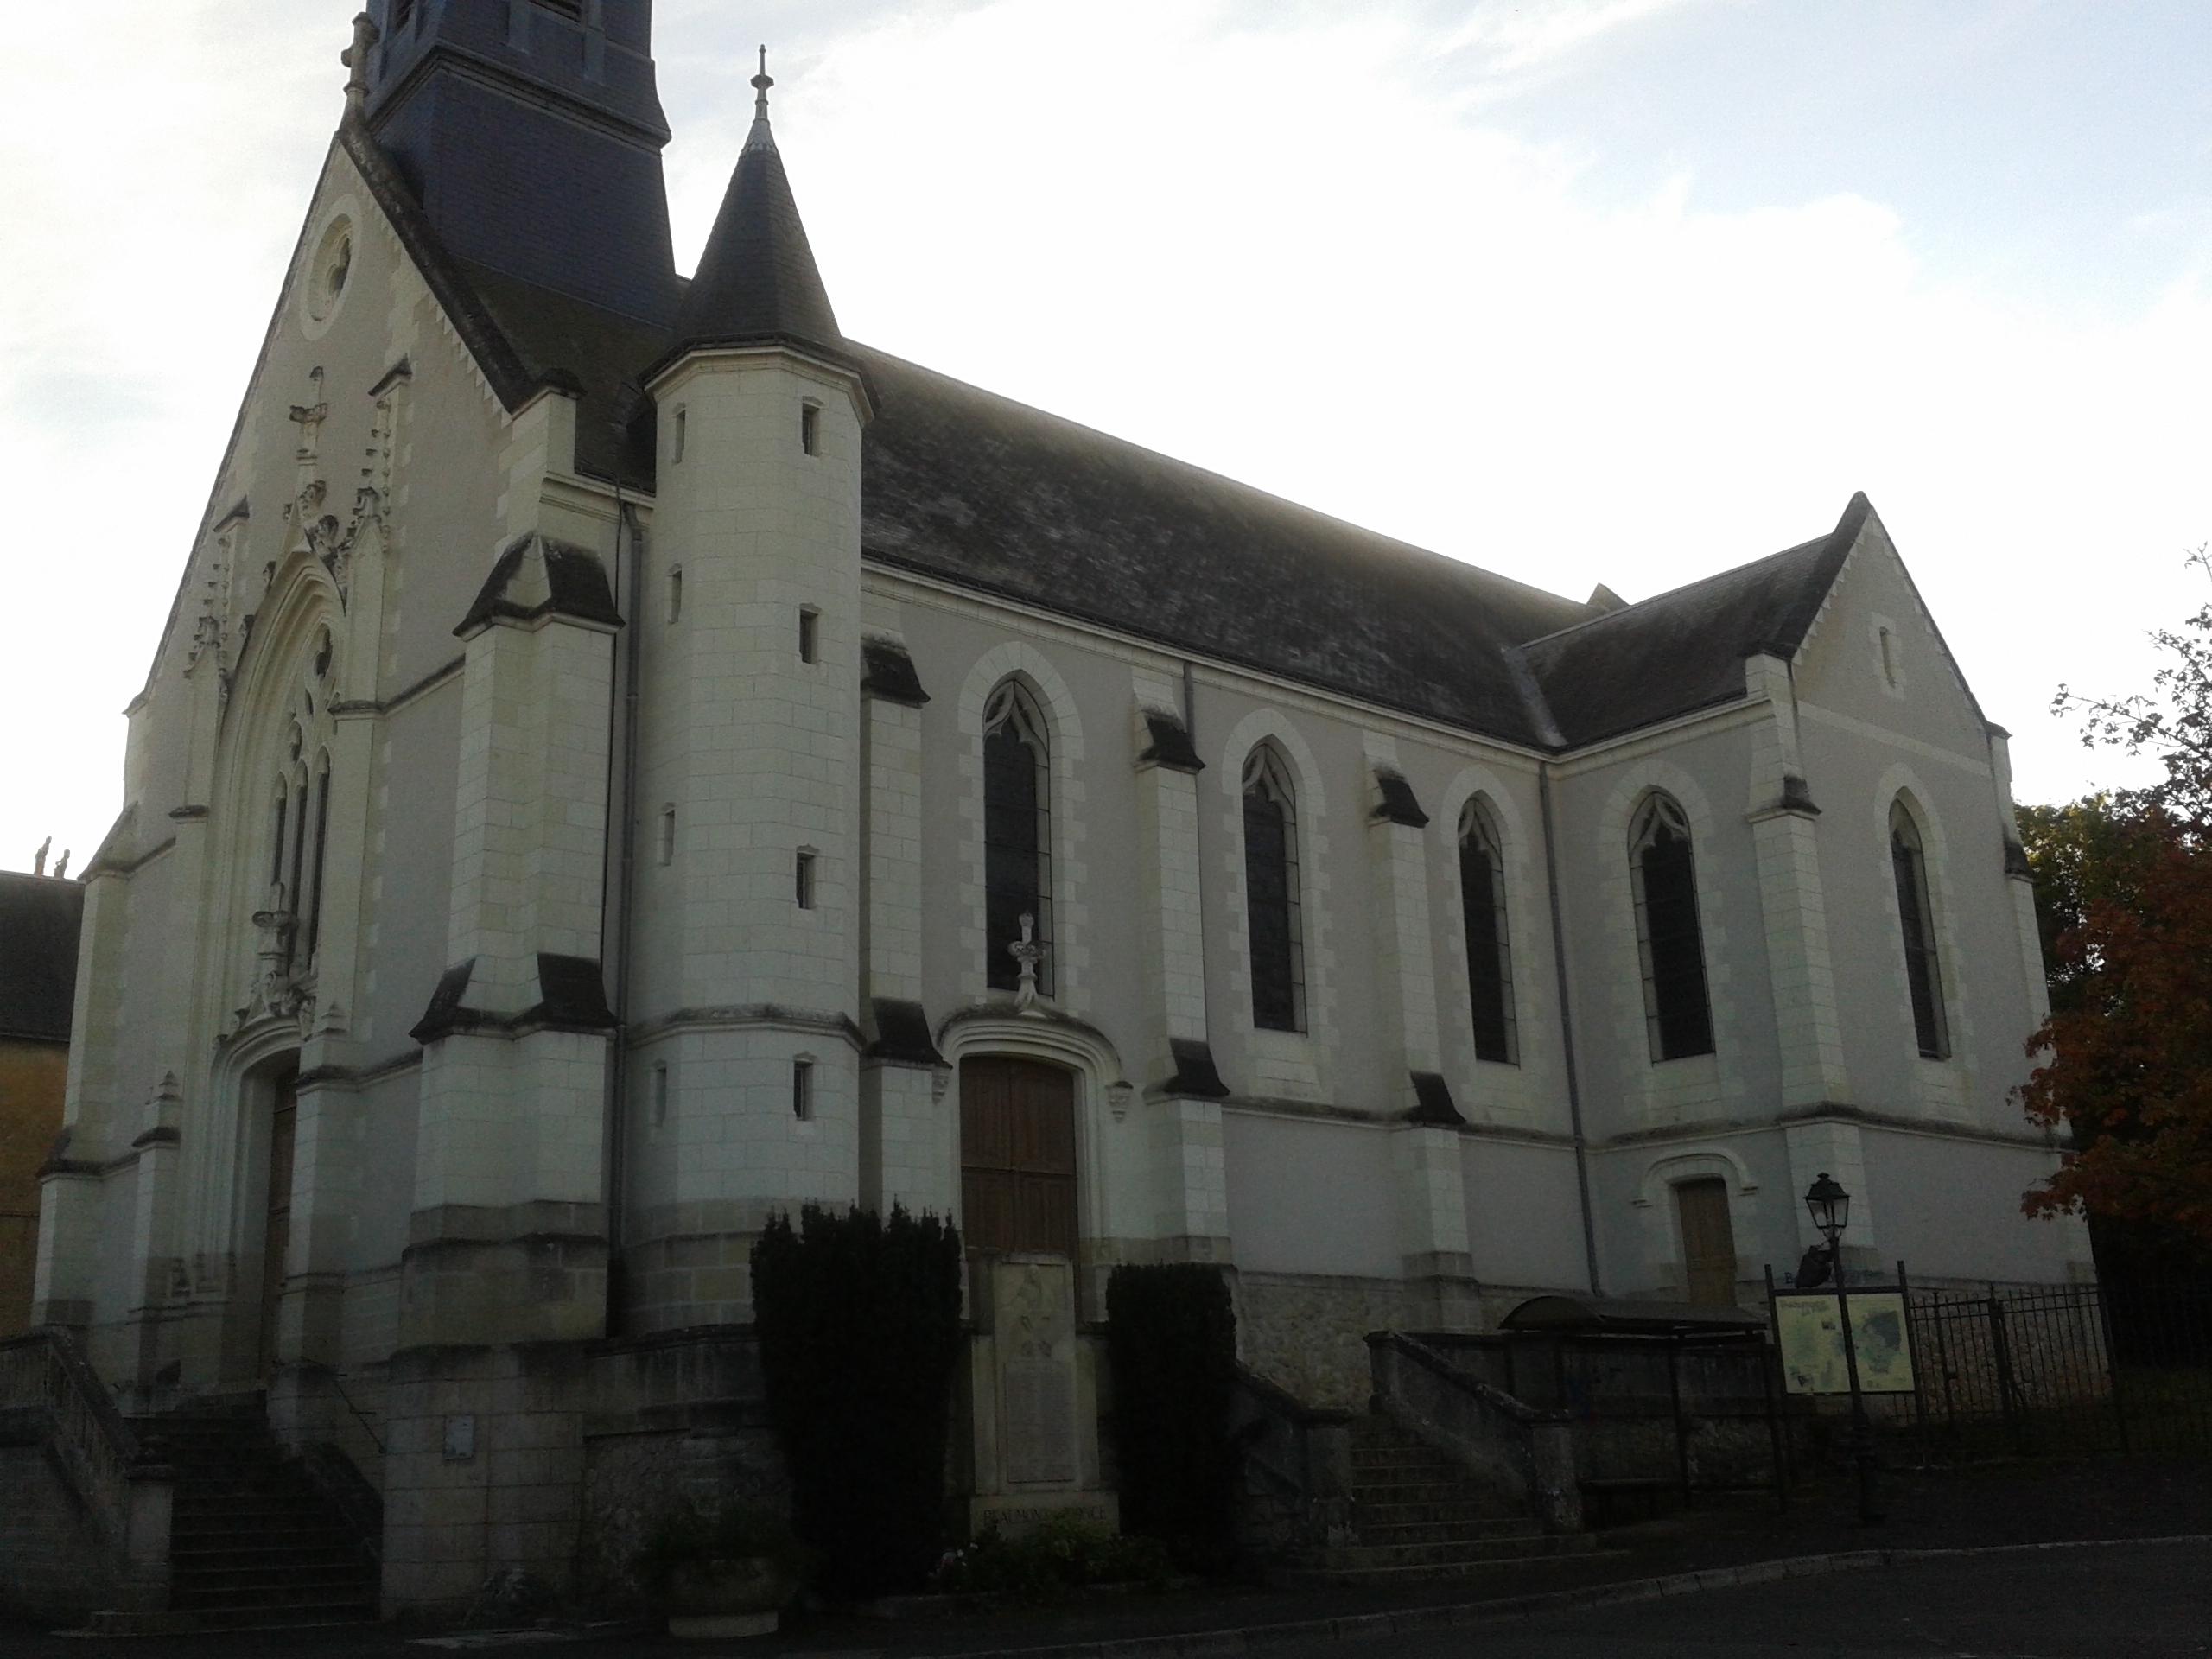 Eglise saint martin beaumont la ronce saint martin de tours for Garage beaumont la ronce